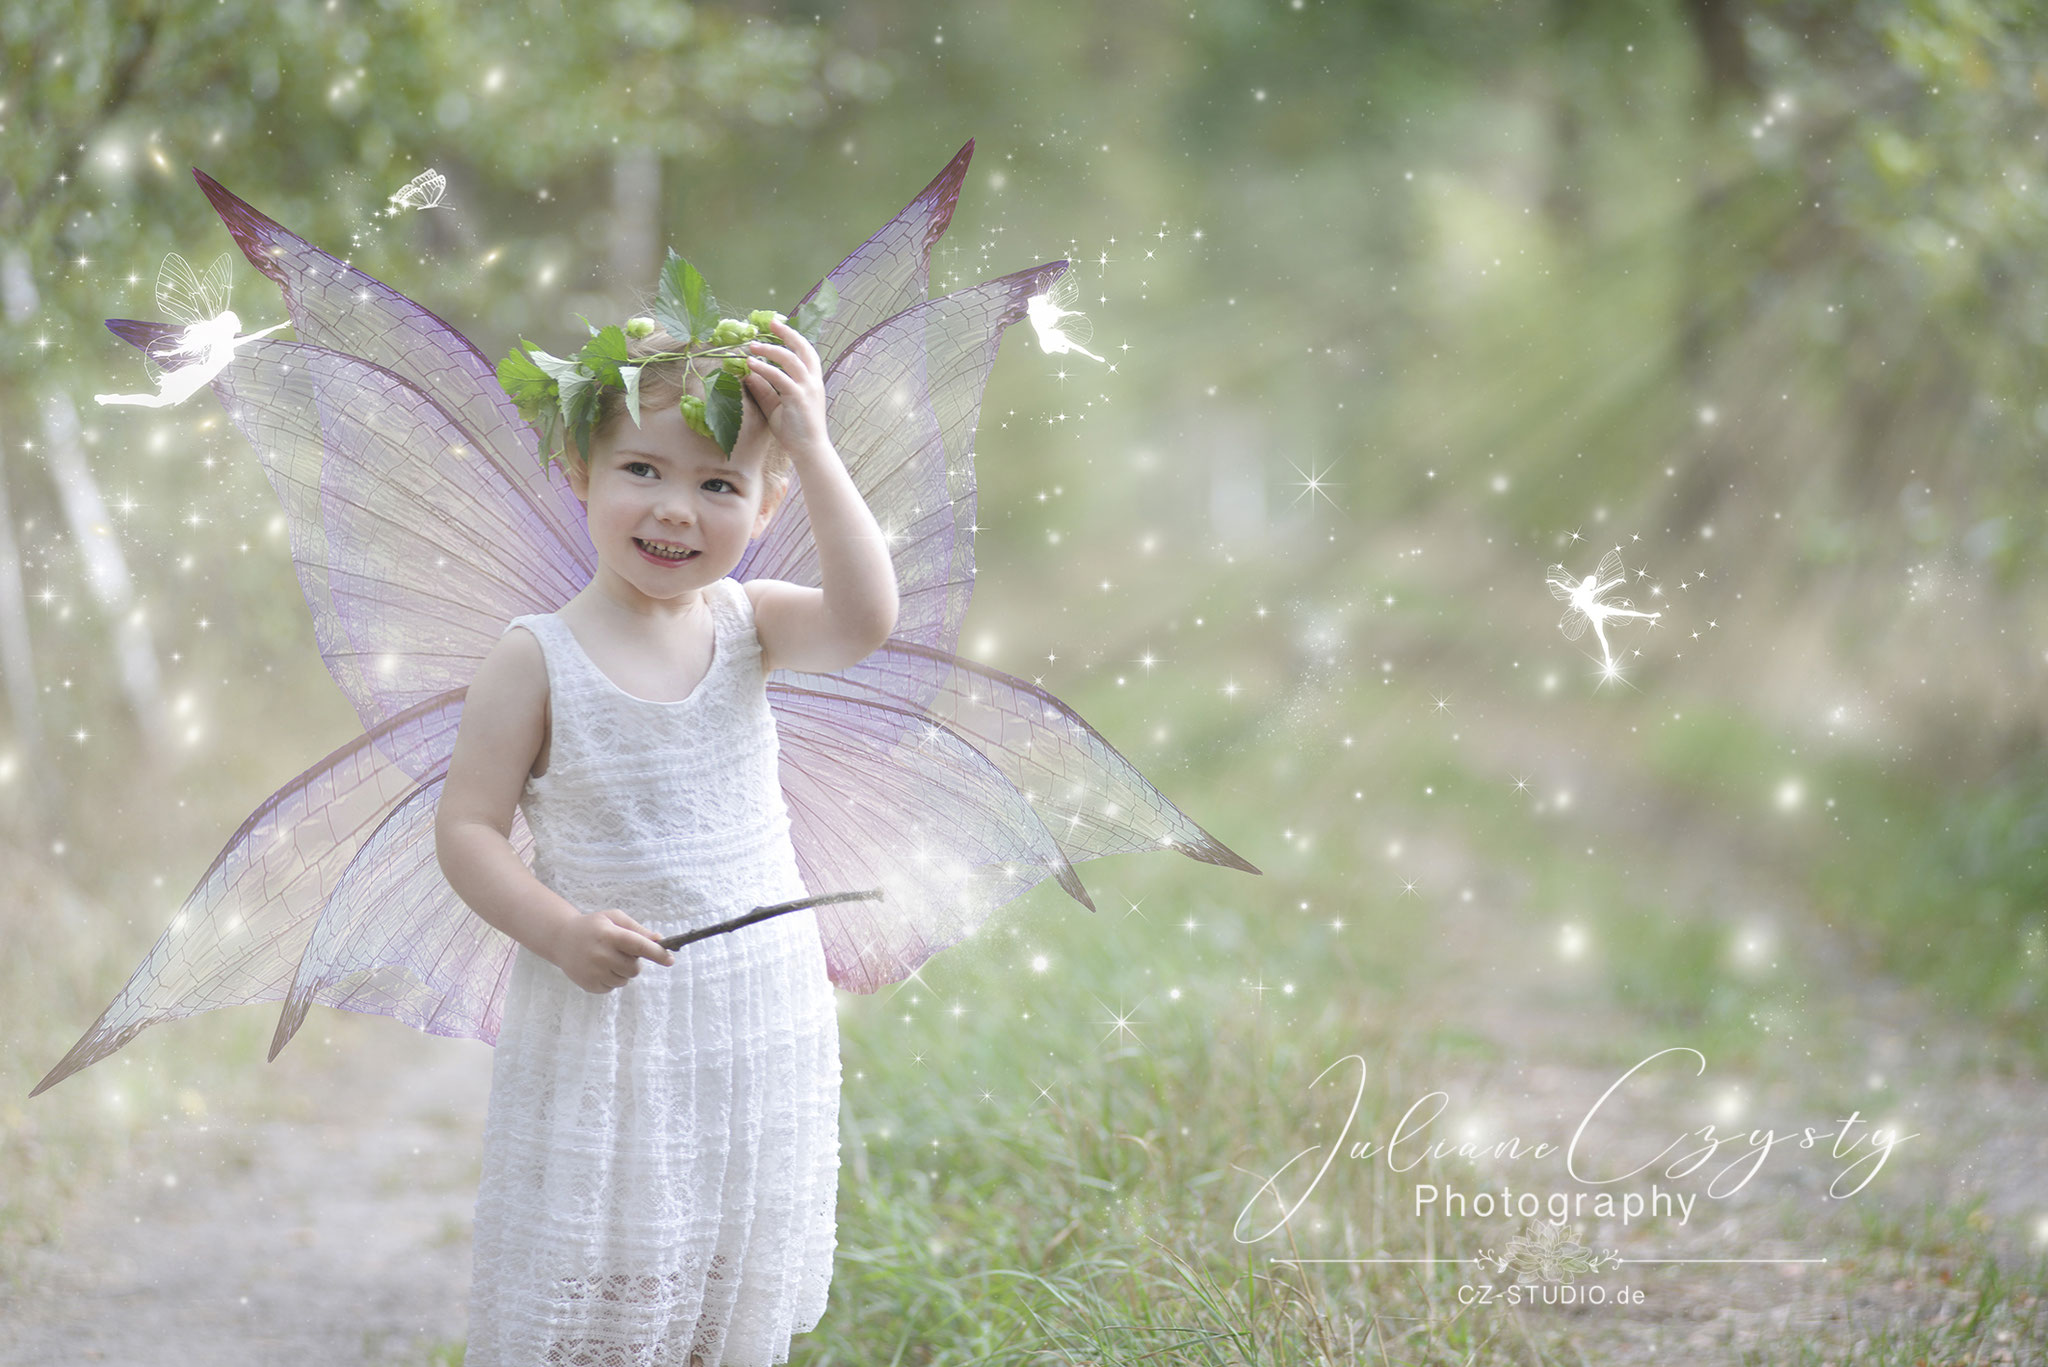 Spezielle Kinderfotos – Juliane Czysty, Fotostudio für Visselhövede, Rotenburg und umzu